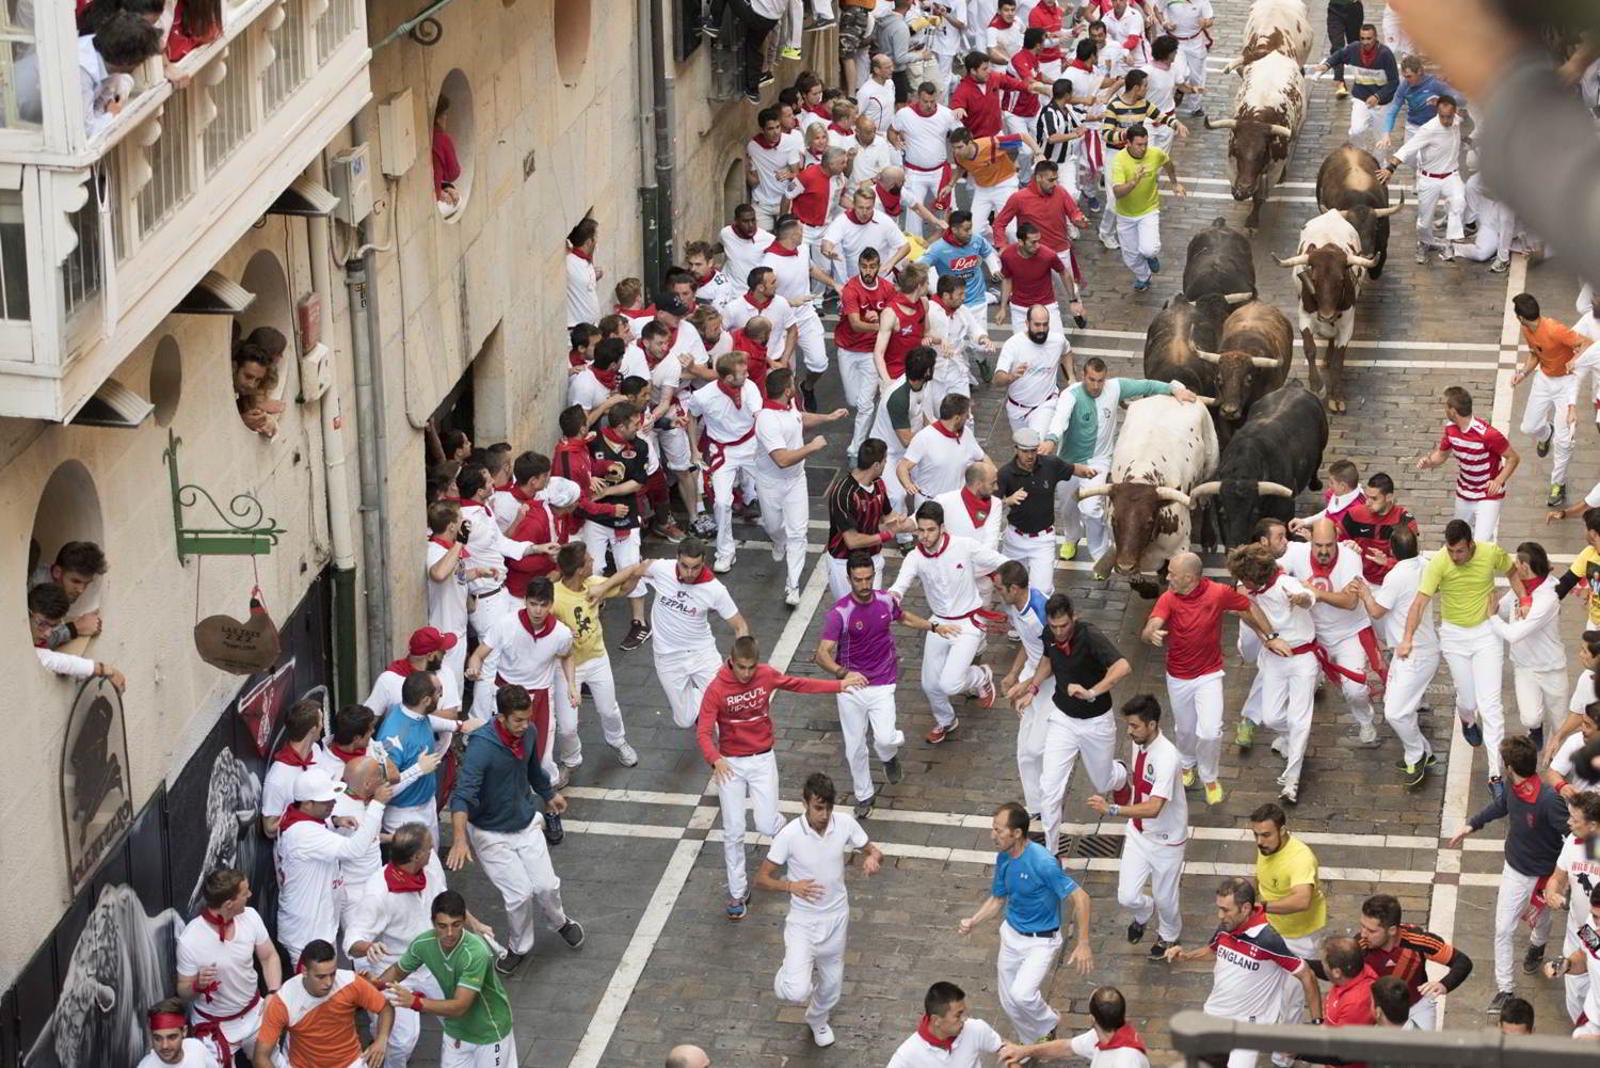 Alquilar Balcones en San Fermín